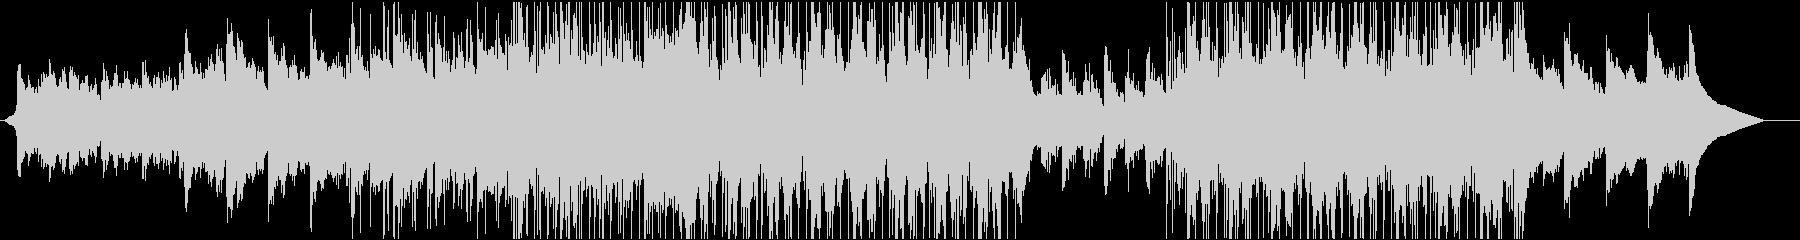 幻想的なピアノとストリングスのポップの未再生の波形